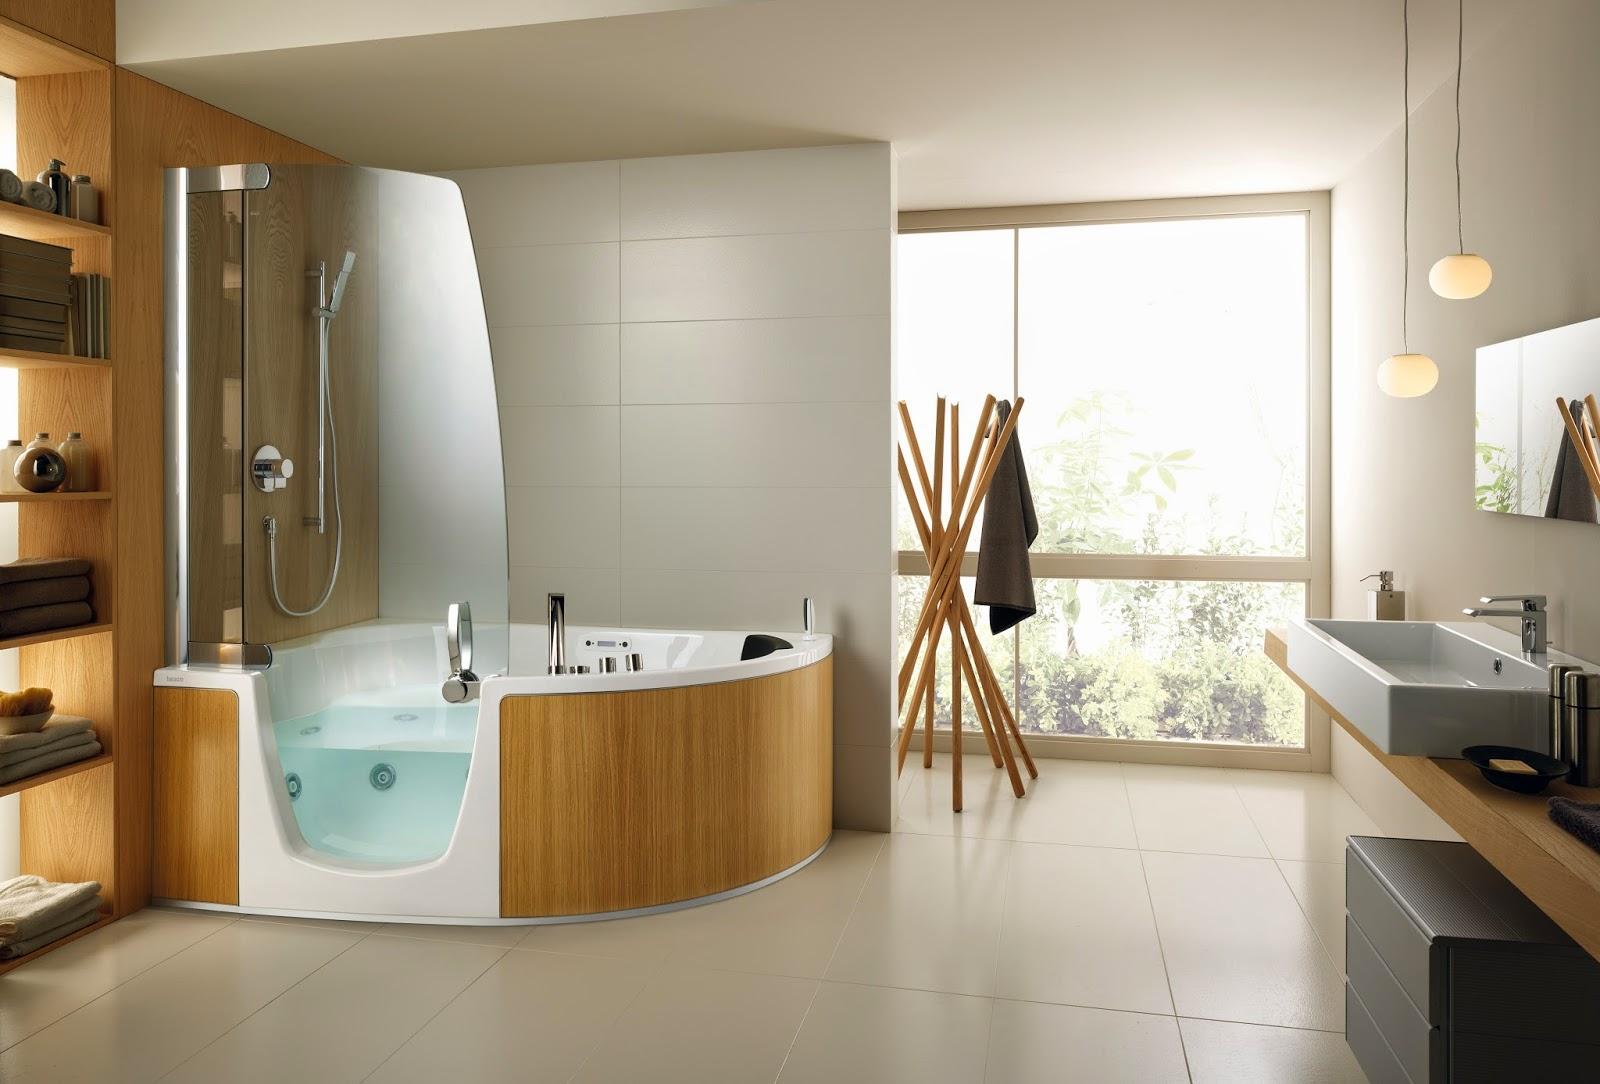 Idee deco salle de bain lambris for Deco s de bains